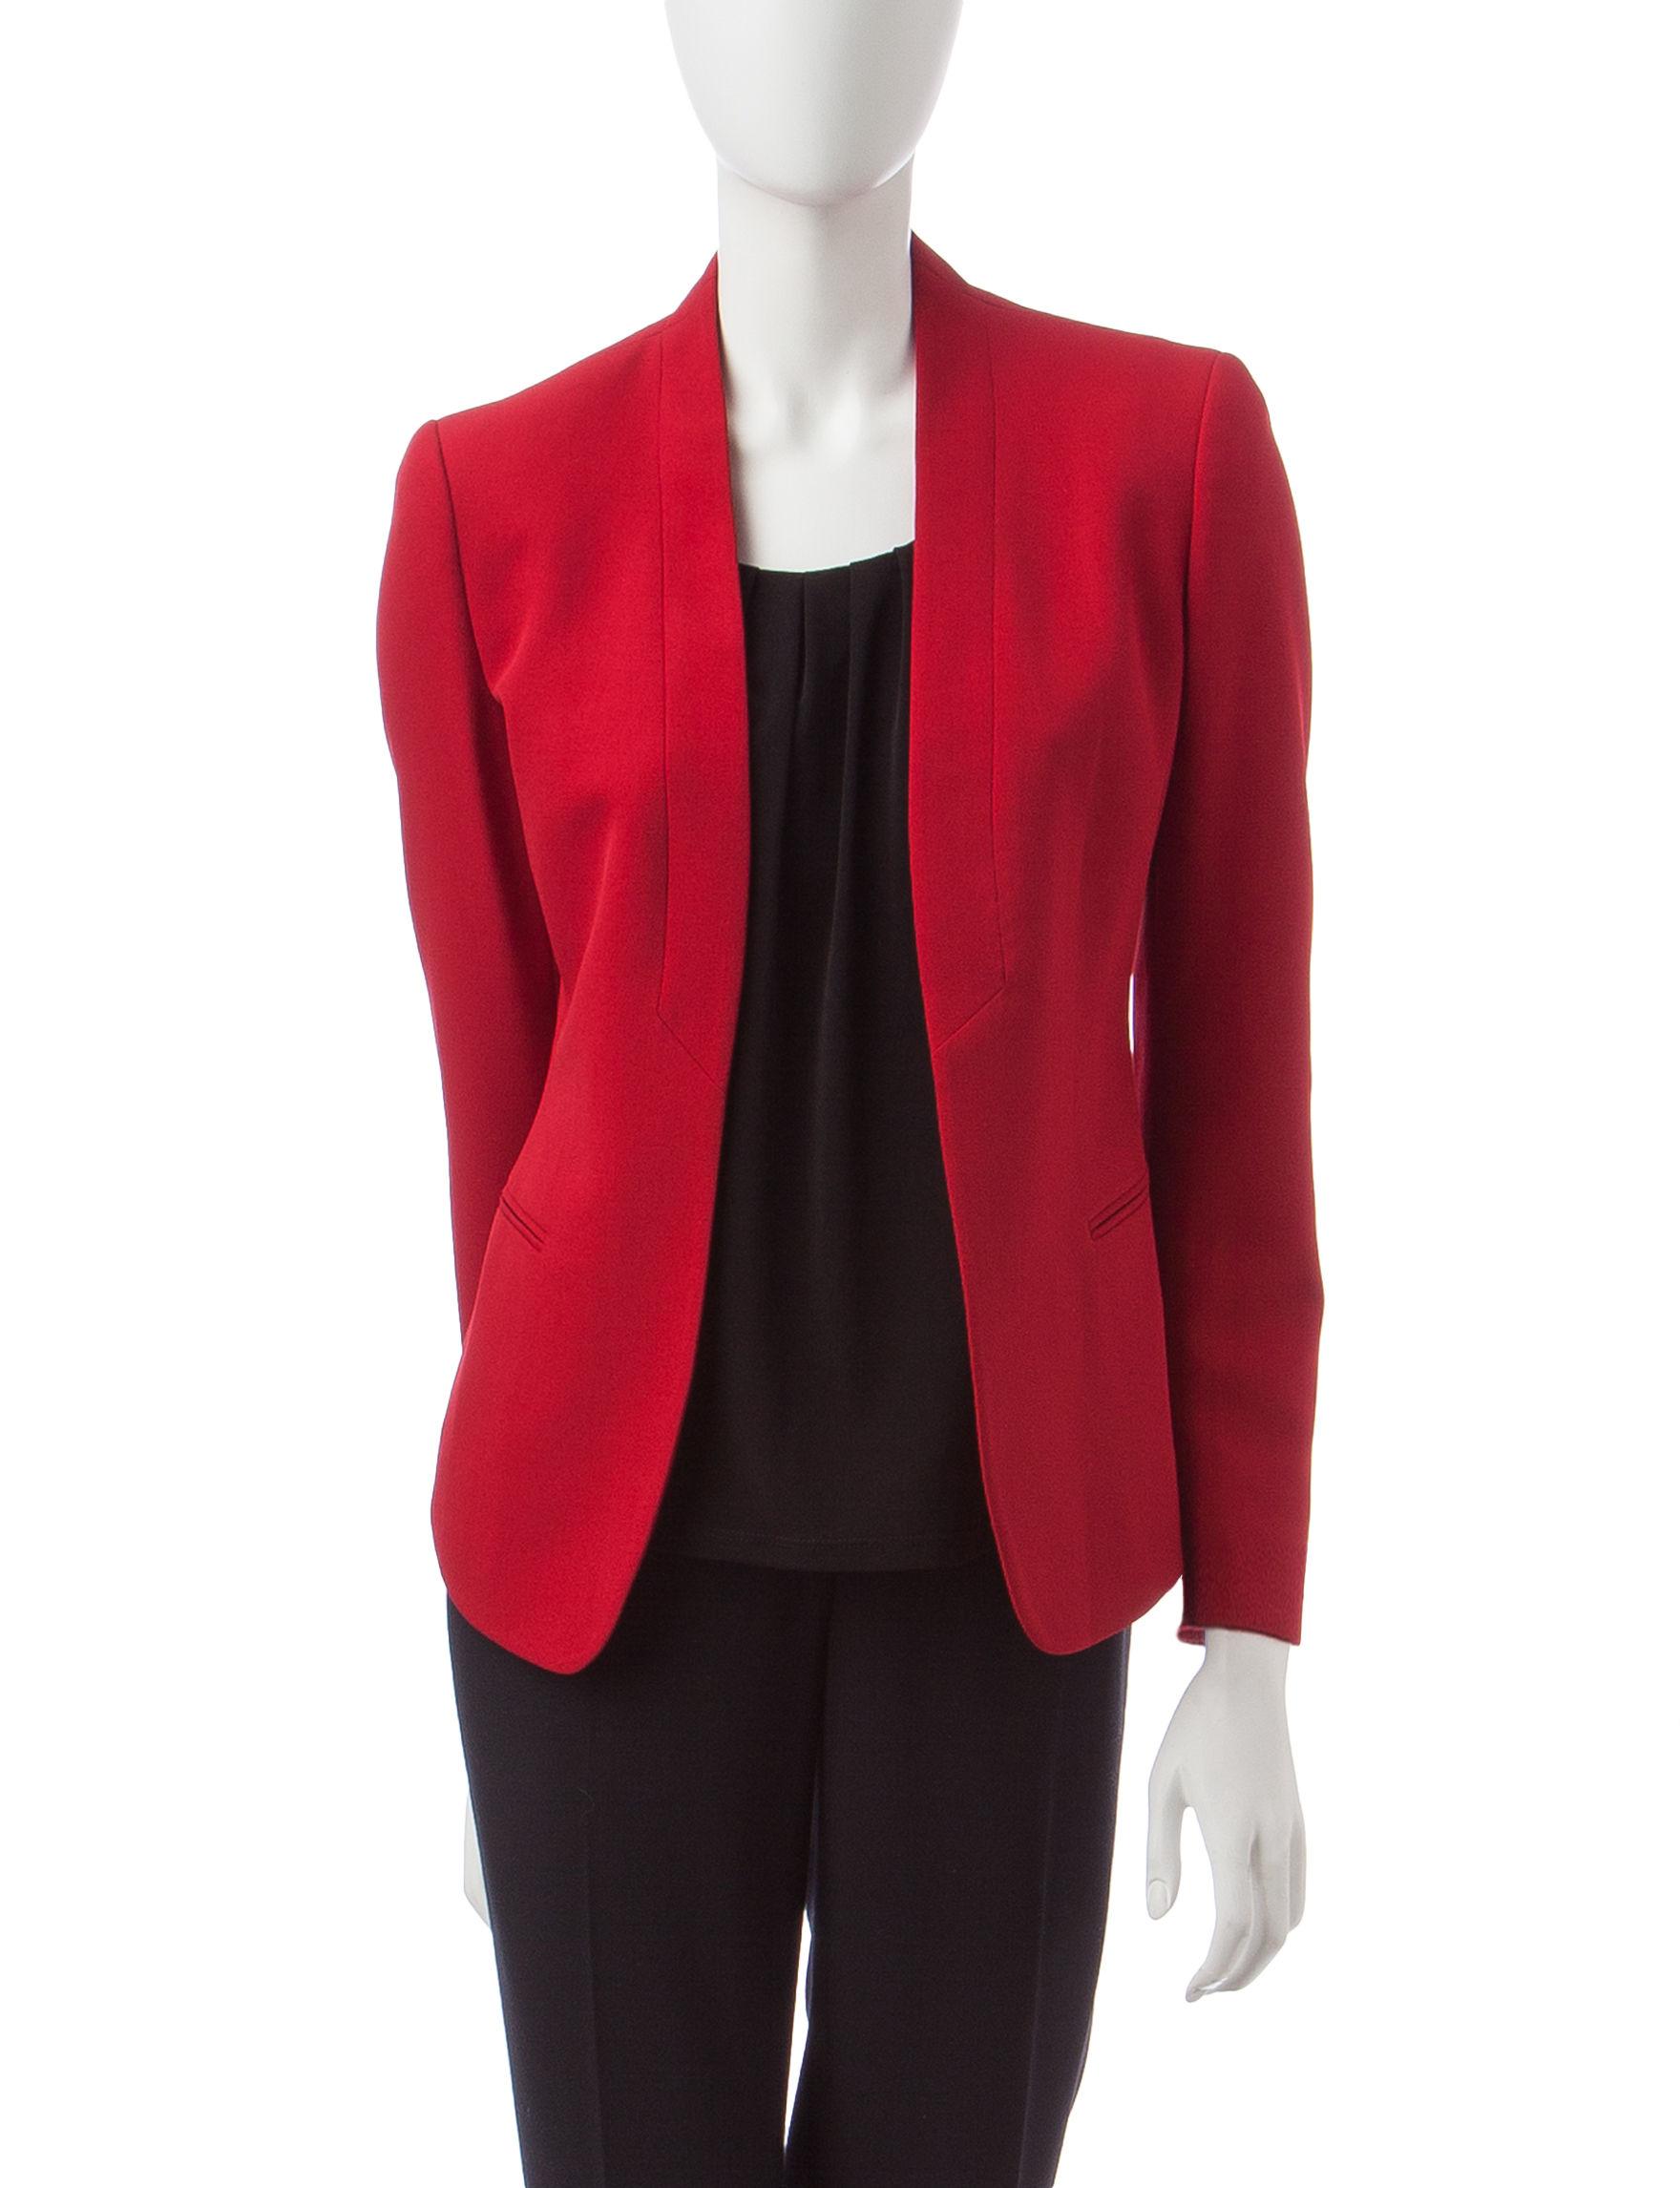 Anne Klein Red Lightweight Jackets & Blazers